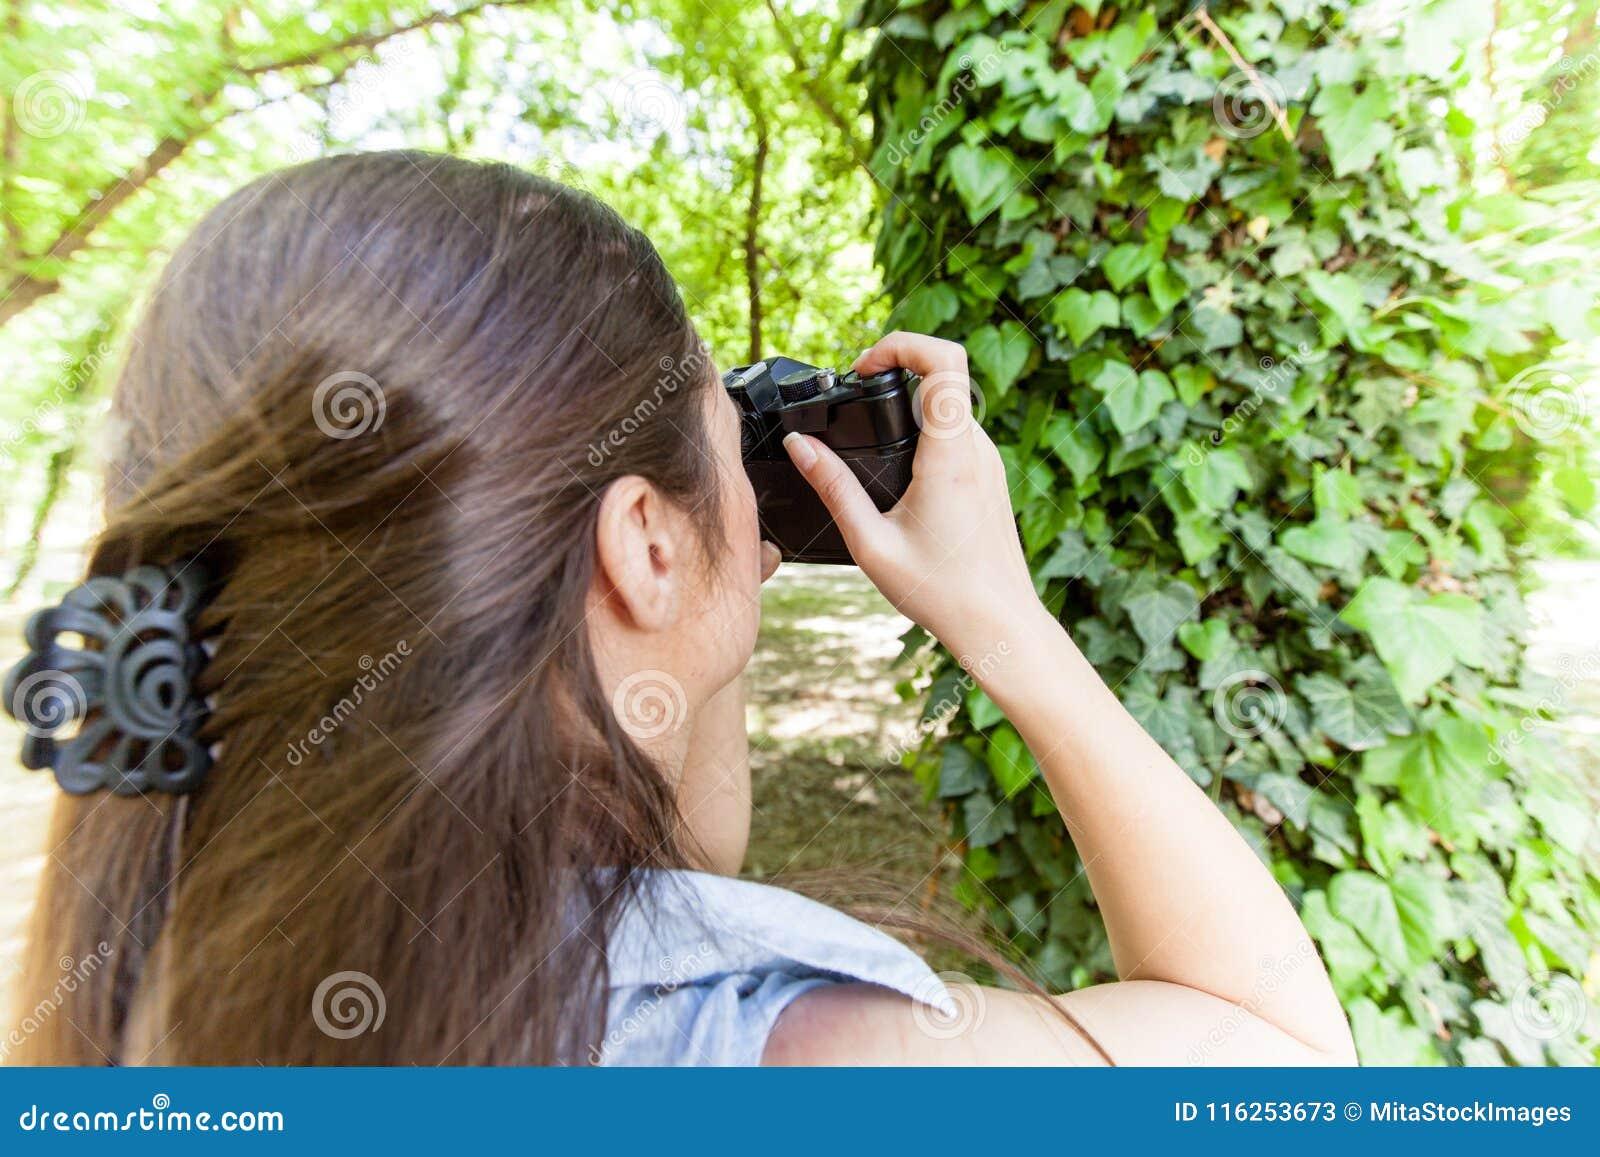 Amateurphotograph Nature